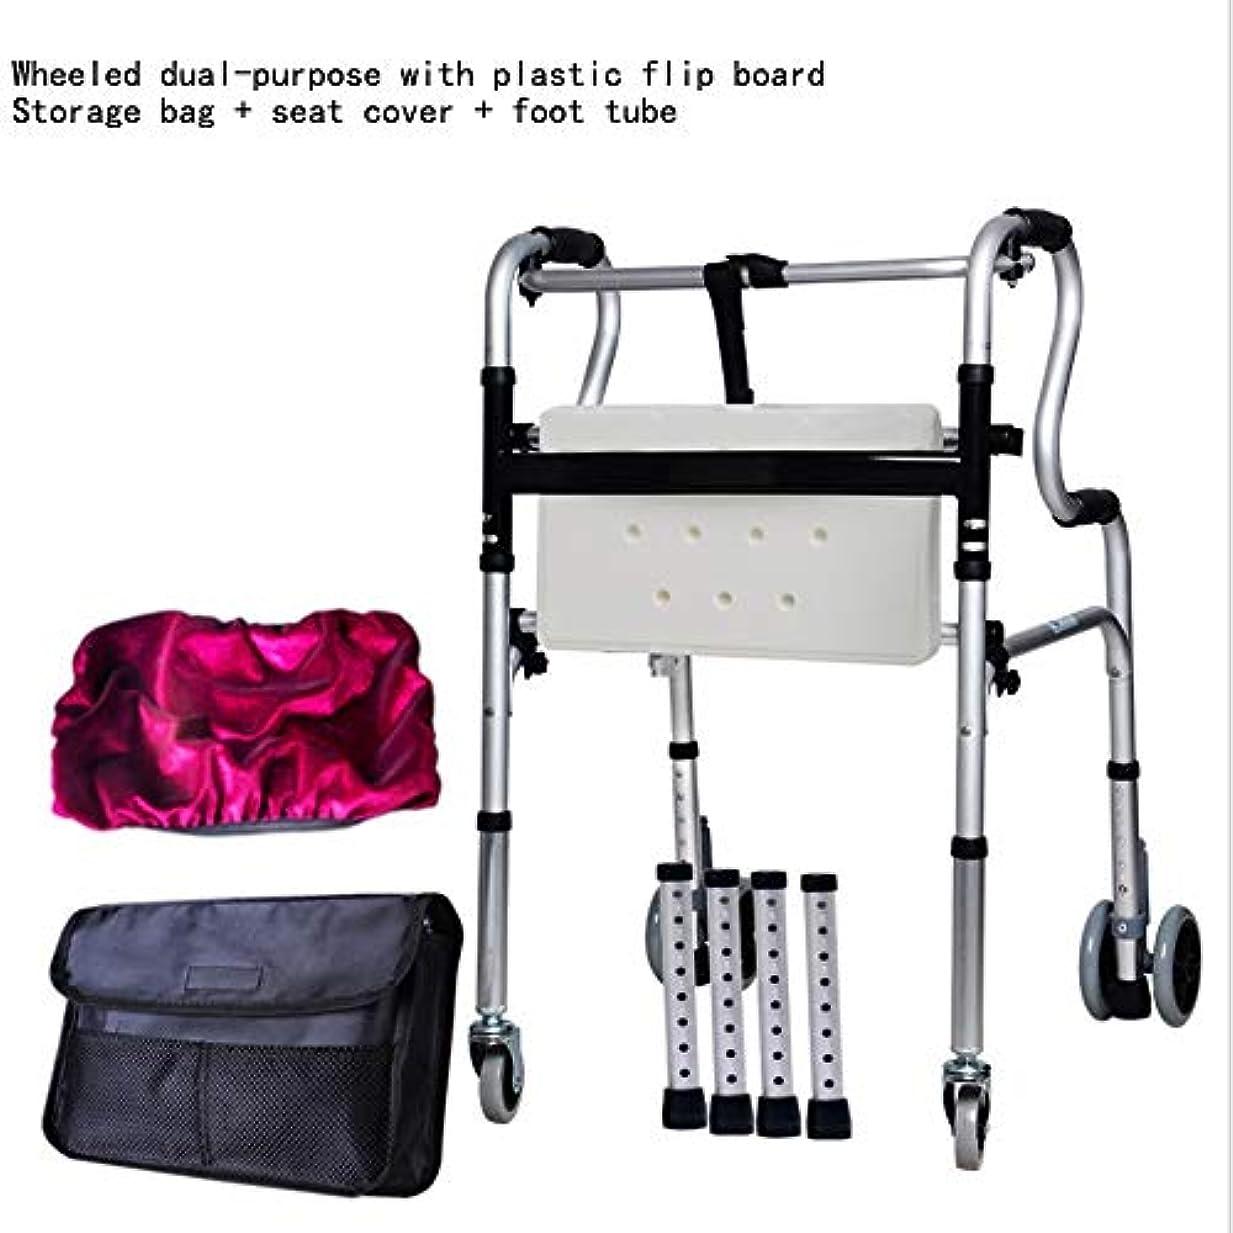 確かめる復讐アリ滑車付き歩行補助器具、高齢者用および負傷者用シート付き折りたたみ式四輪歩行フレーム (Color : 白)